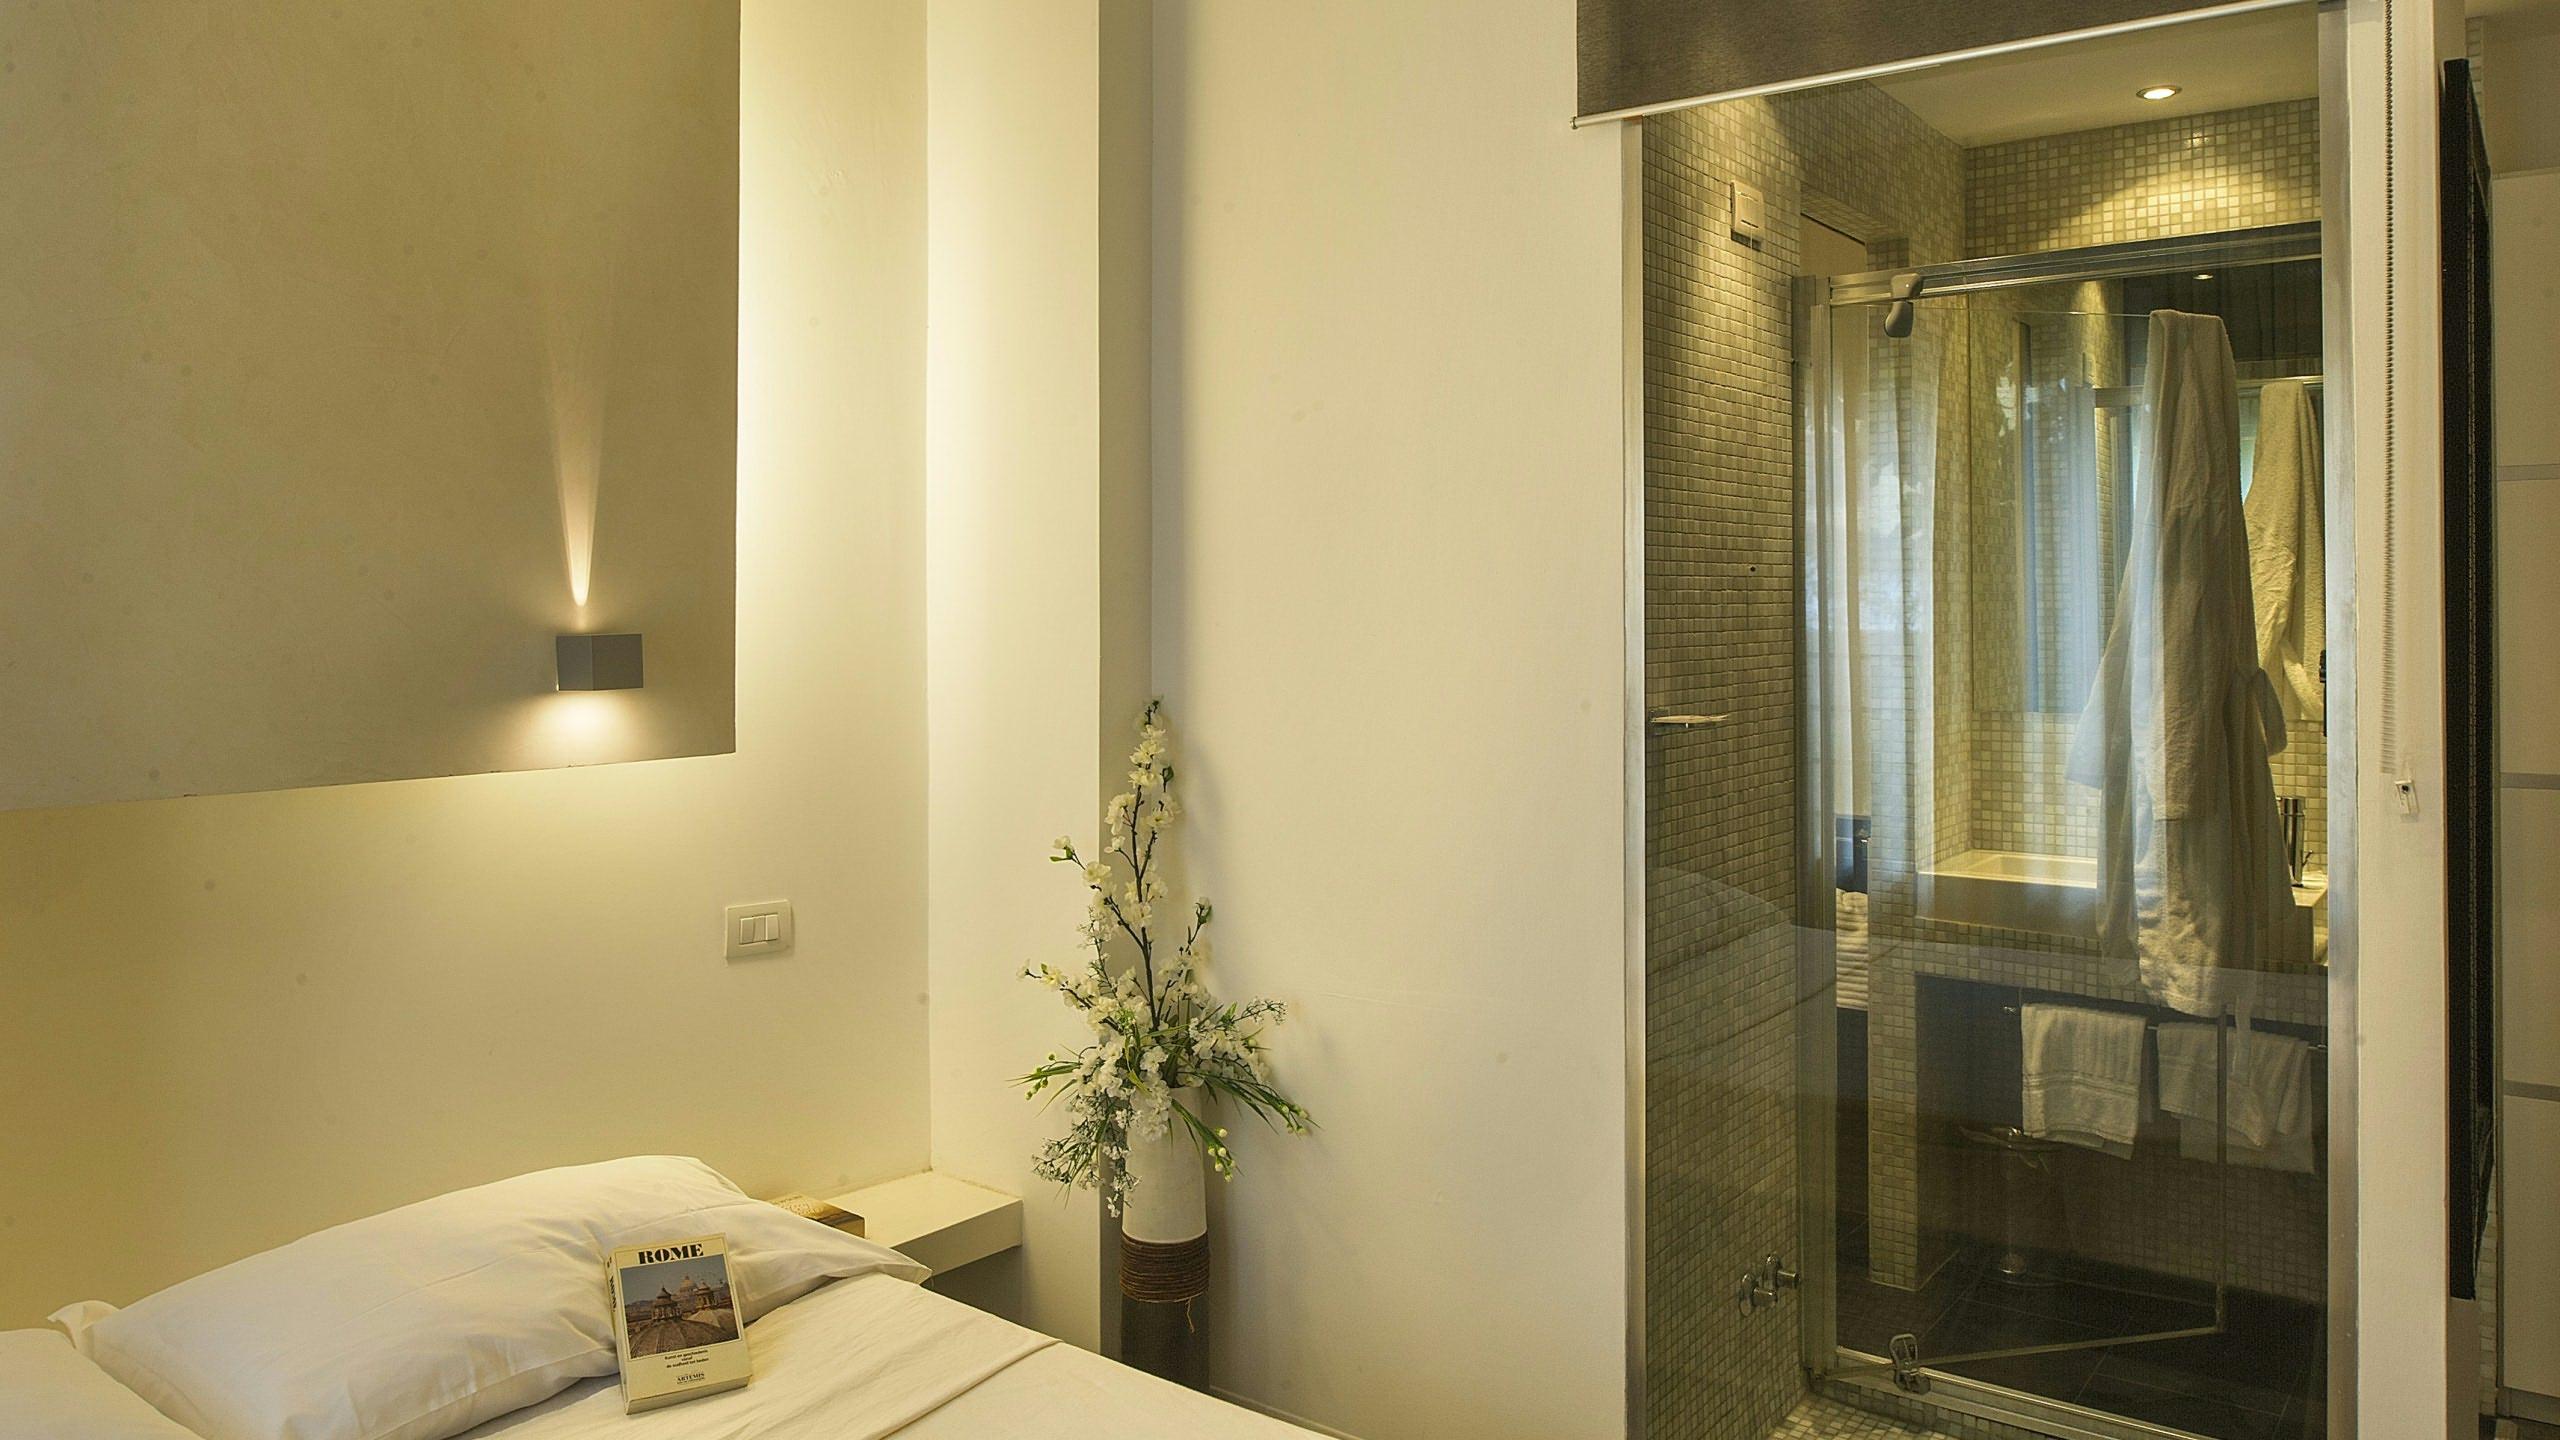 hotel-relais-san-pietro-rome-superior-room-09